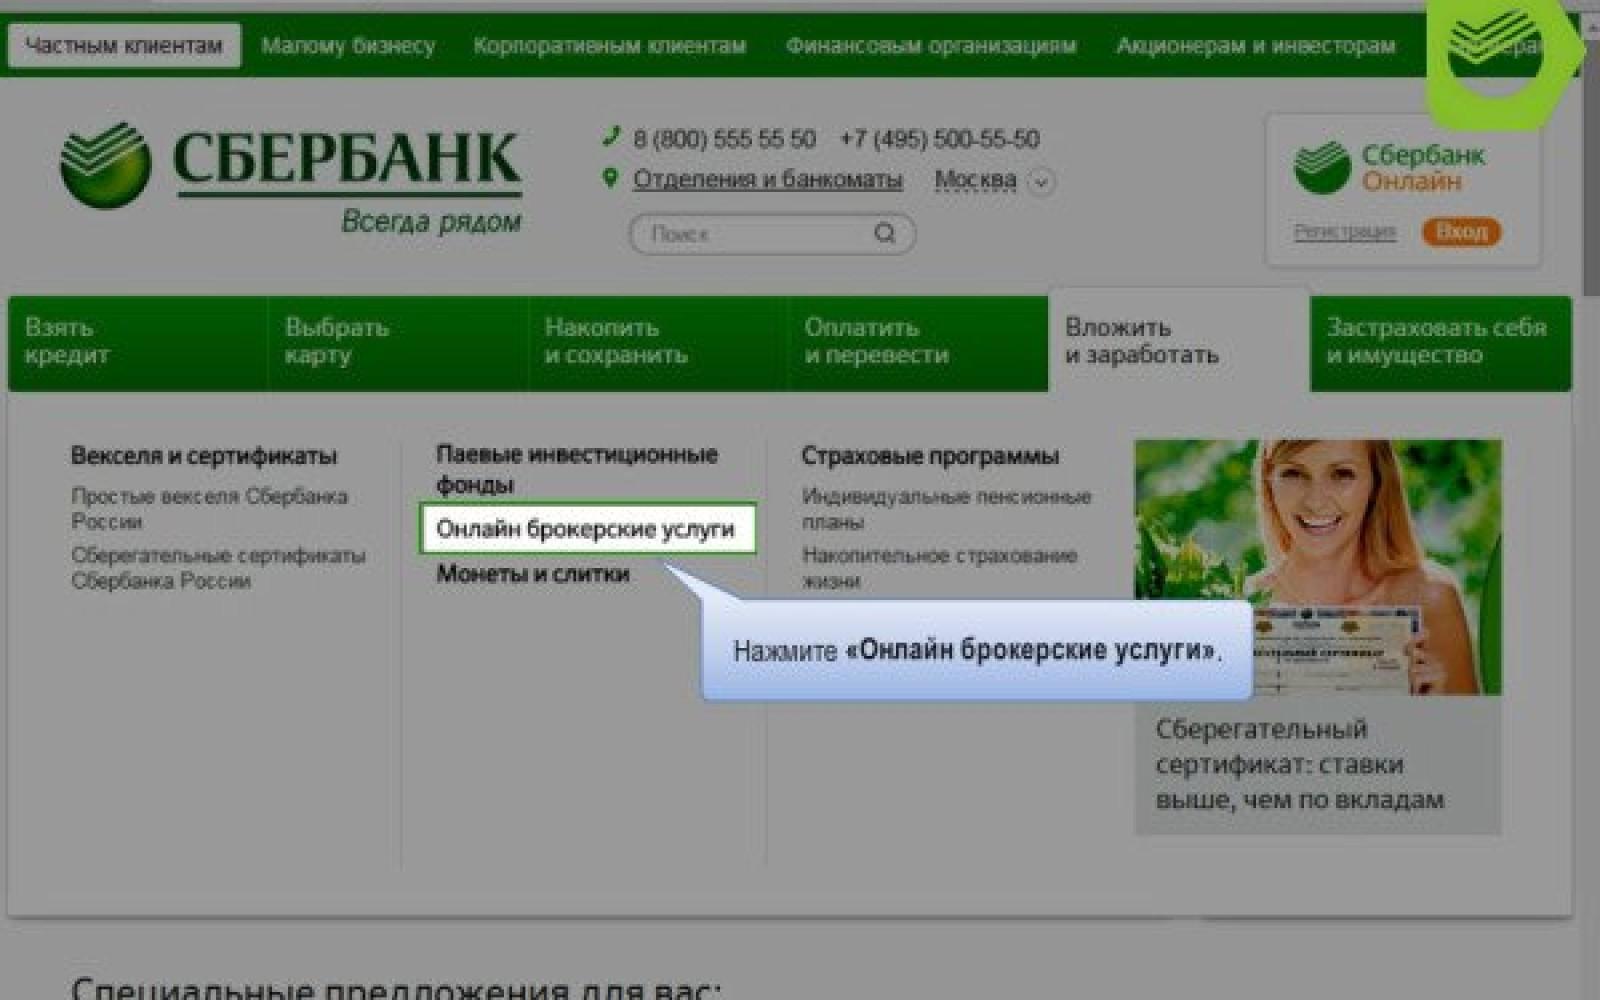 Купить акции Газпрома физическому лицу в Сбербанке 4